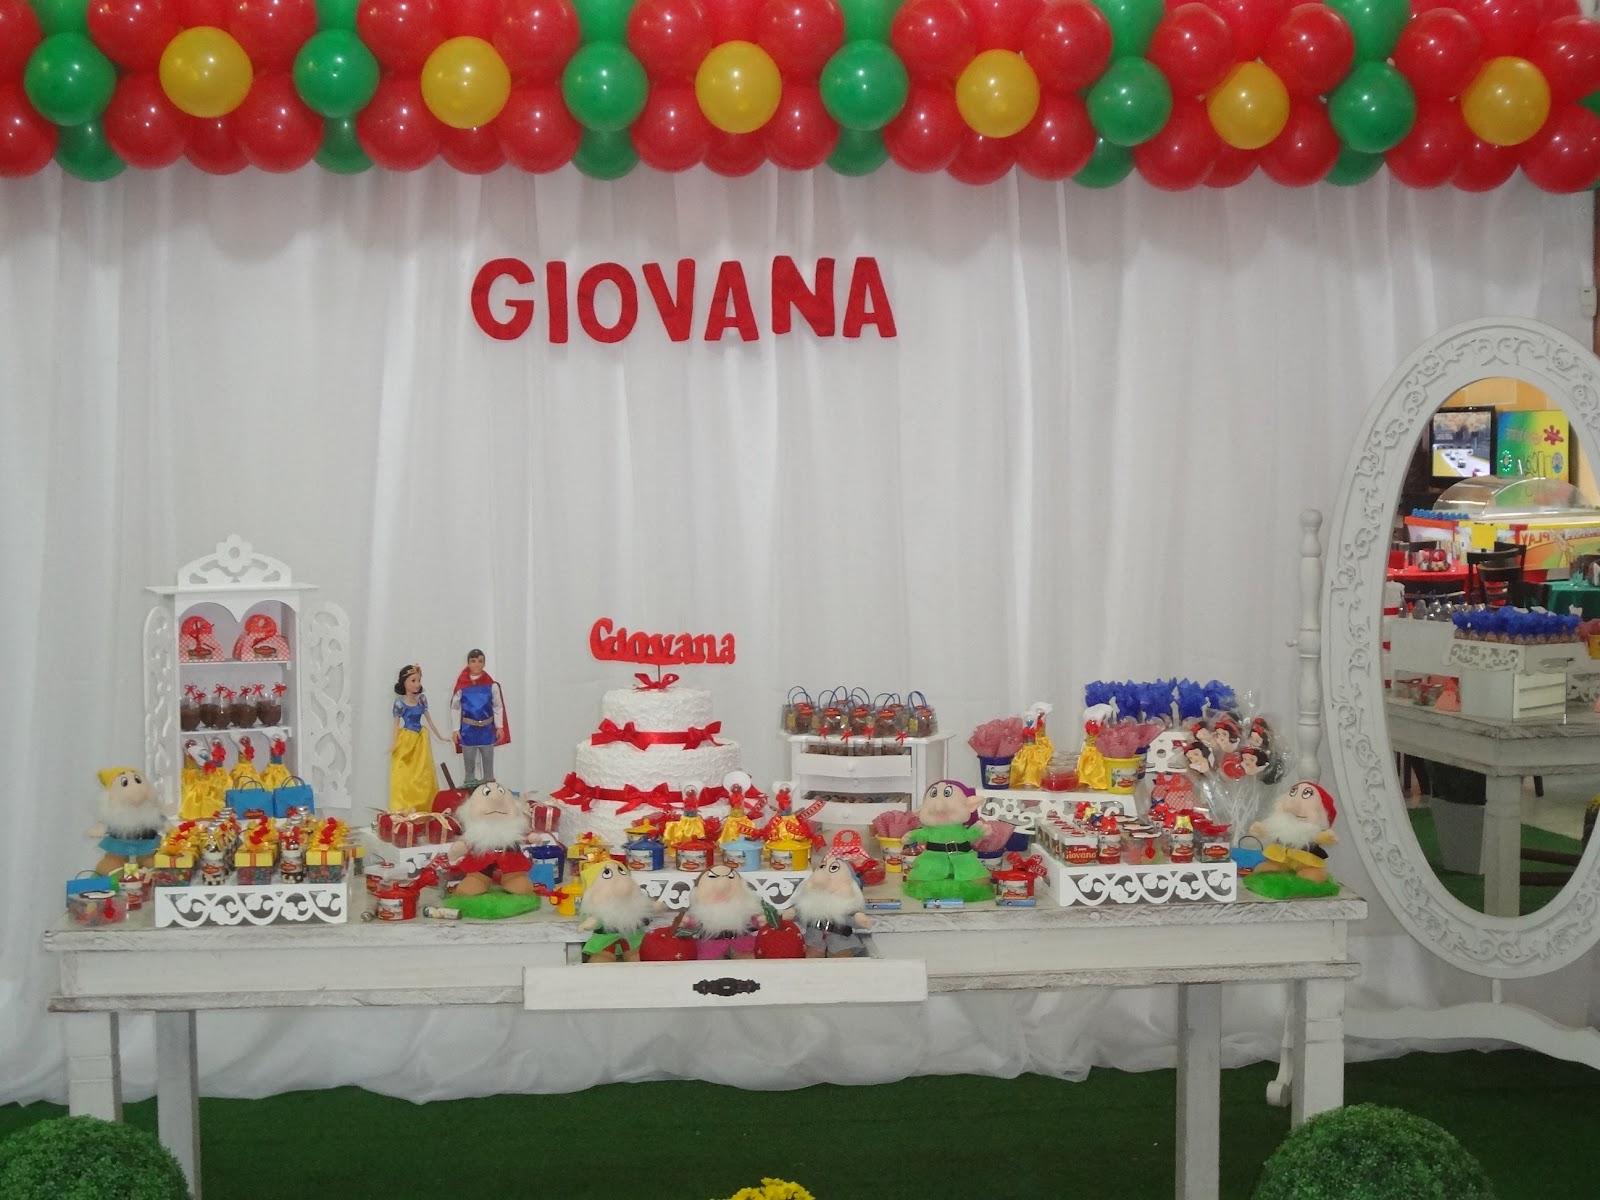 decoracao festa branca de neve provencal:Festa Show – Decoração de Festas e Eventos: Decoração Provençal